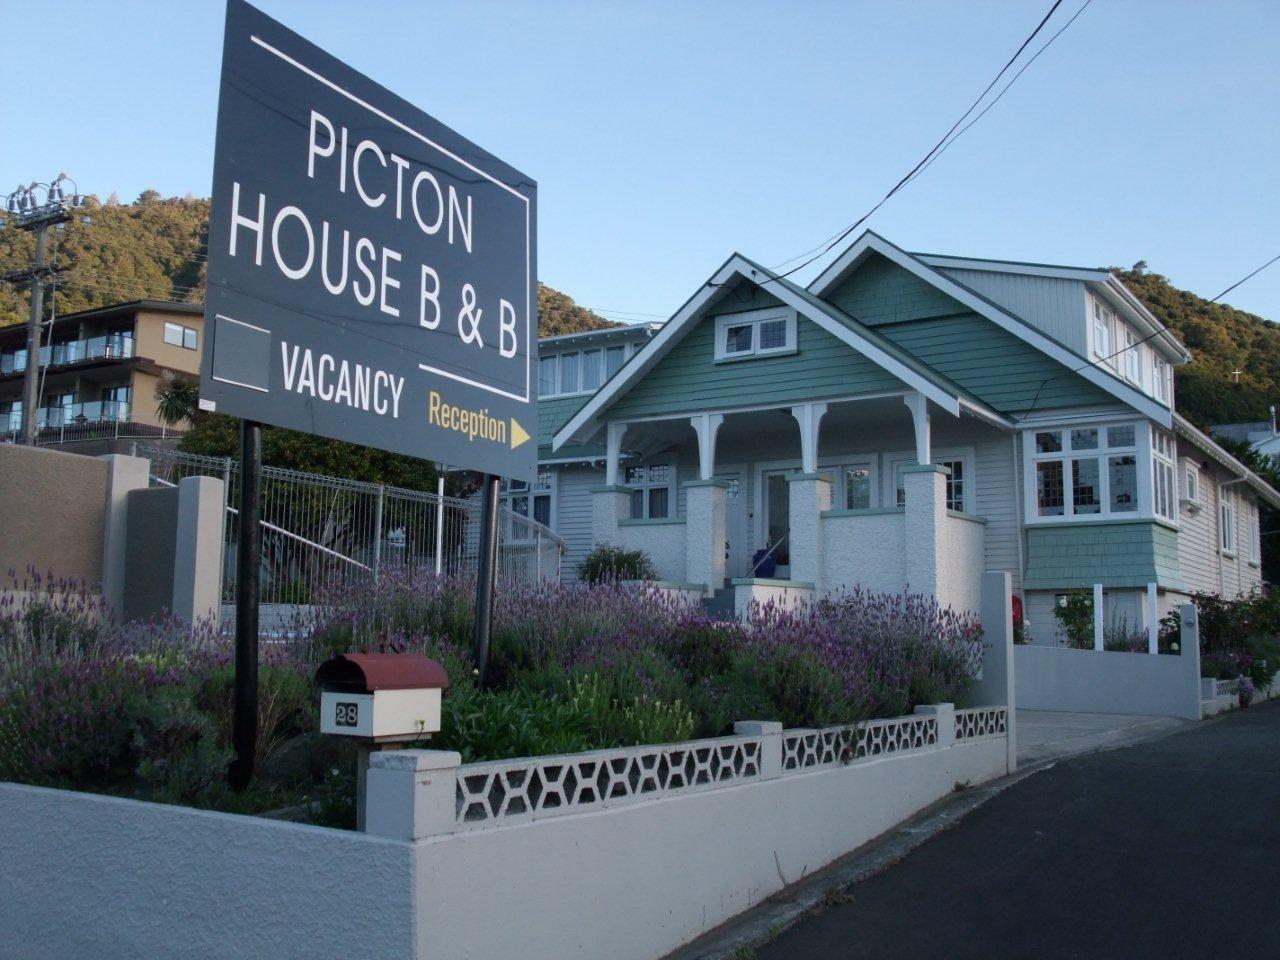 Picton House B&B & Motels